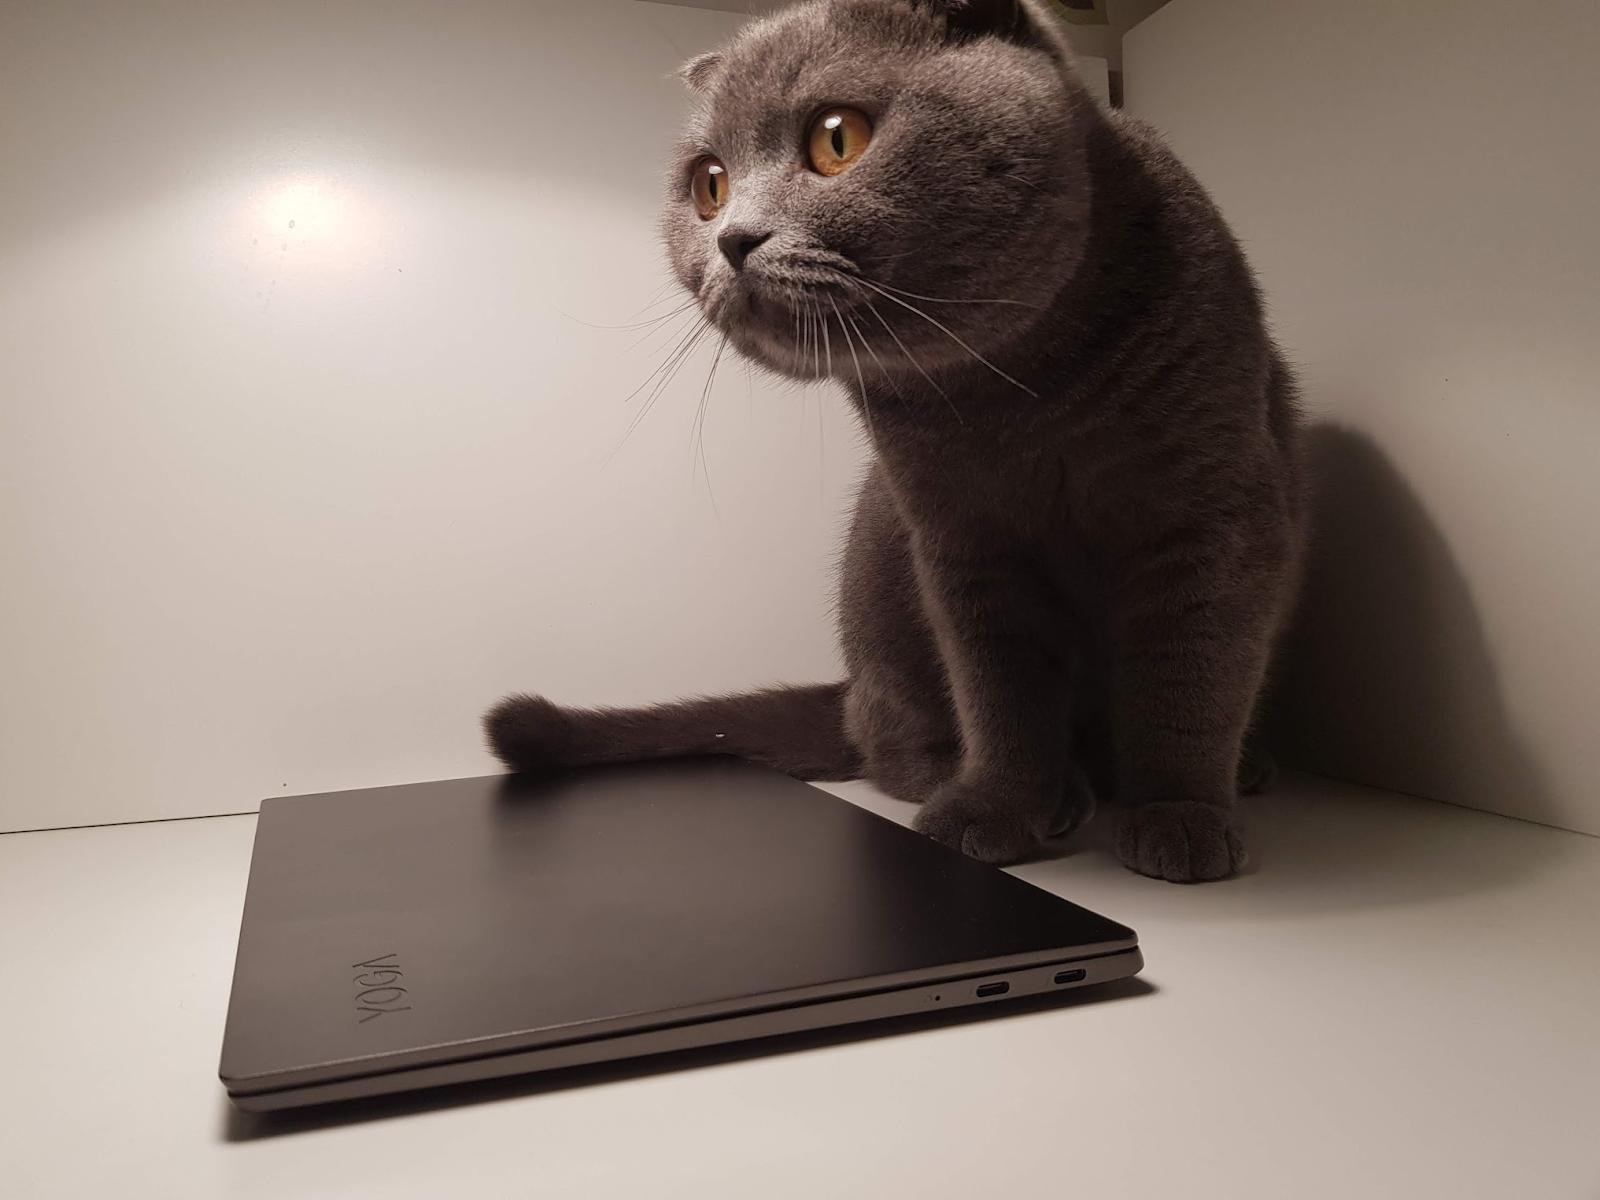 Обзор ноутбука Lenovo S730-13 (2018): мощное железо в стильном алюминиевом корпусе